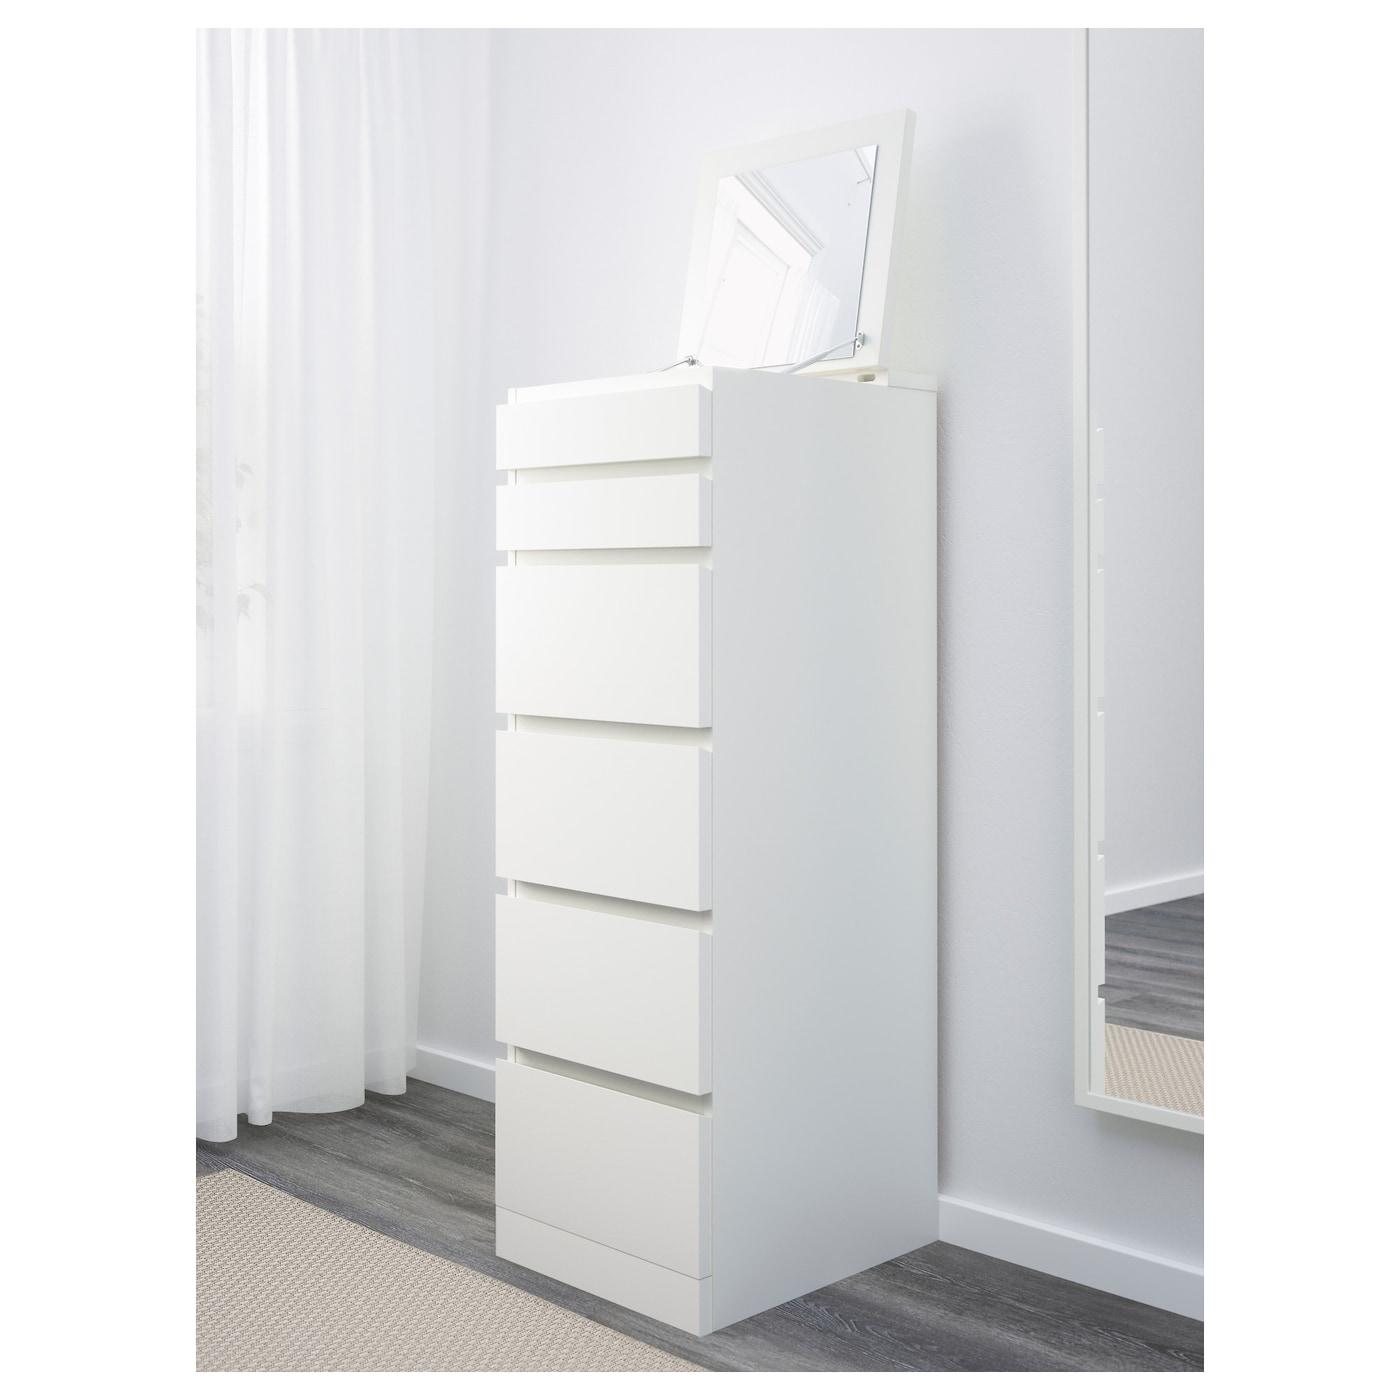 Malm Kommode Mit 6 Schubladen Weiss Spiegelglas Ikea Deutschland